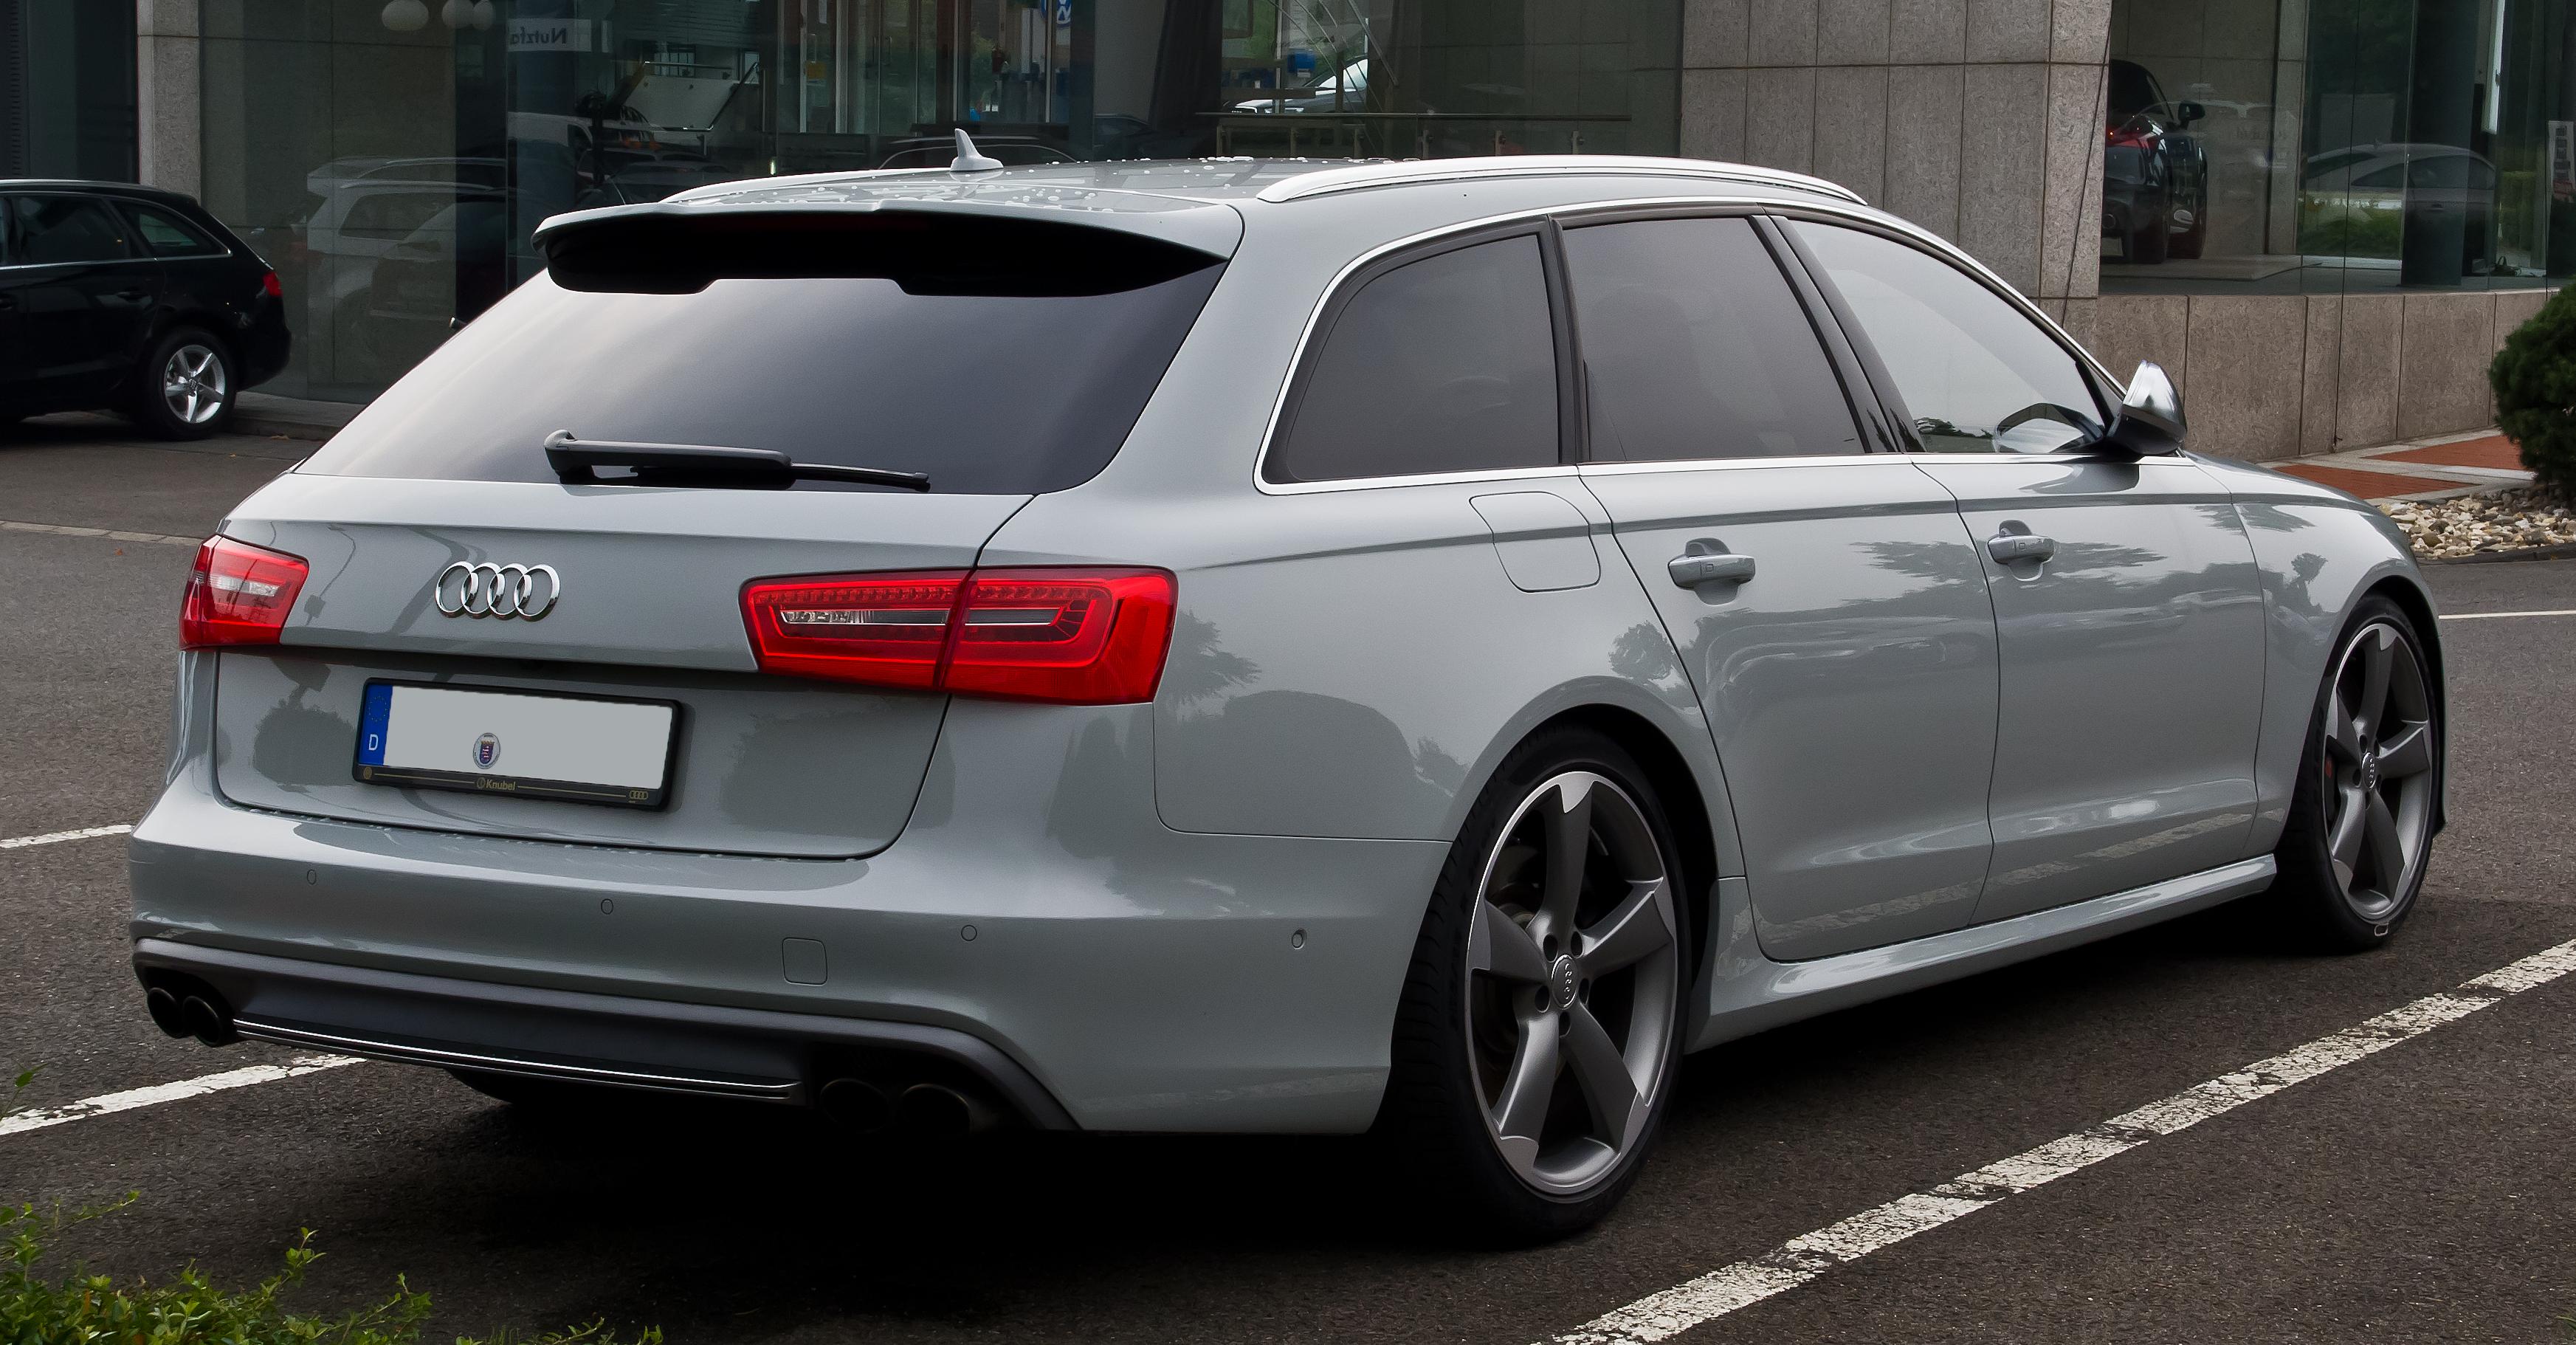 File:Audi S6 Avant (C7) – Heckansicht, 7. September 2013 ...